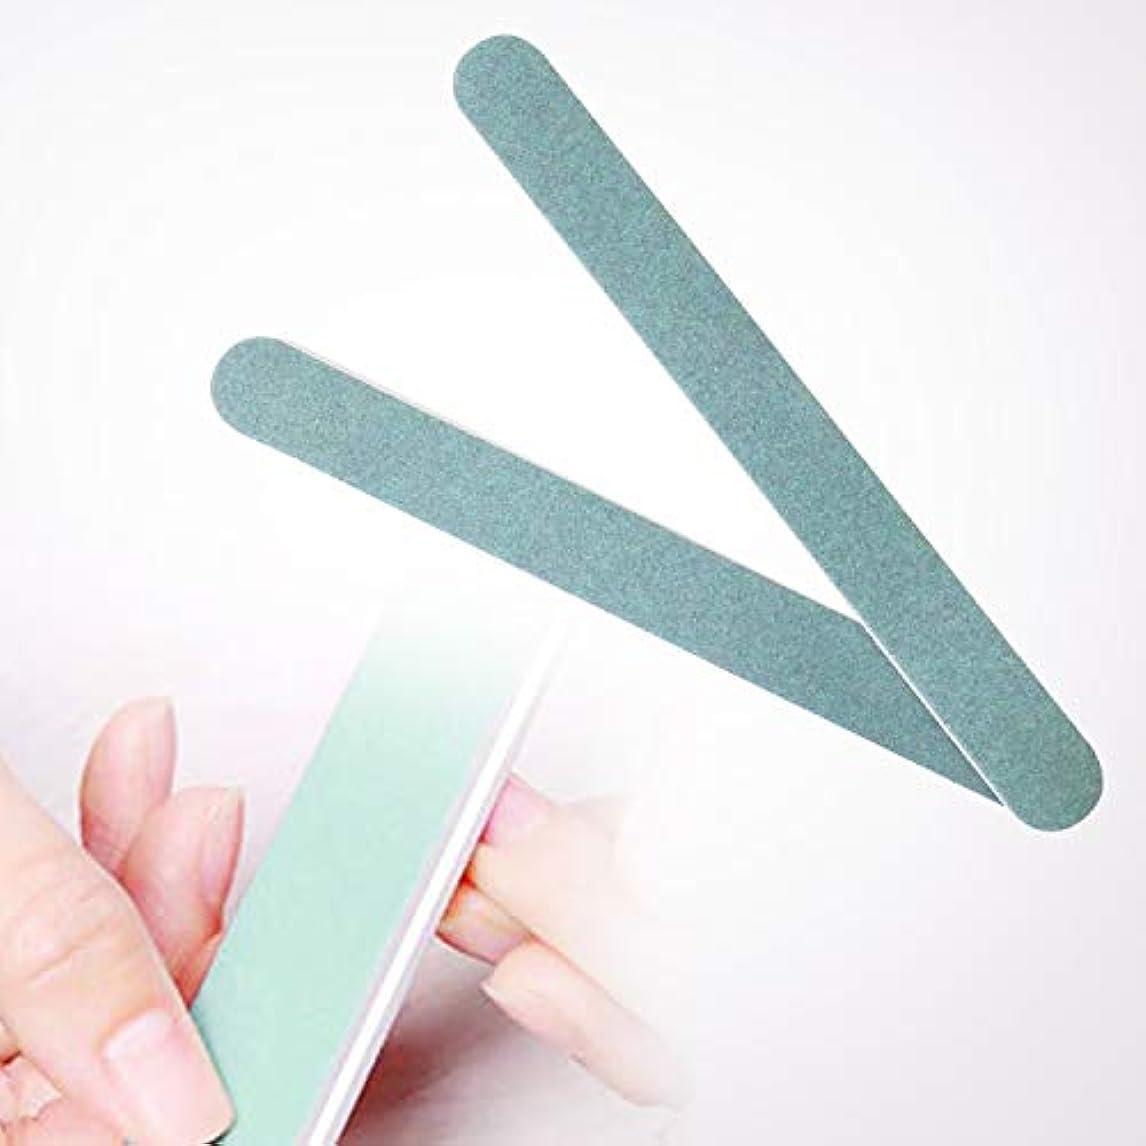 スラックトレース保守的urlifeエリコネイル エメリーボード パーフェクトシャイン ネイルをつやつやにするスポンジネイルファイル 両面使えるマニキュアDIYのソフトファイル 爪磨き 爪に優しい爪やすり 2本入